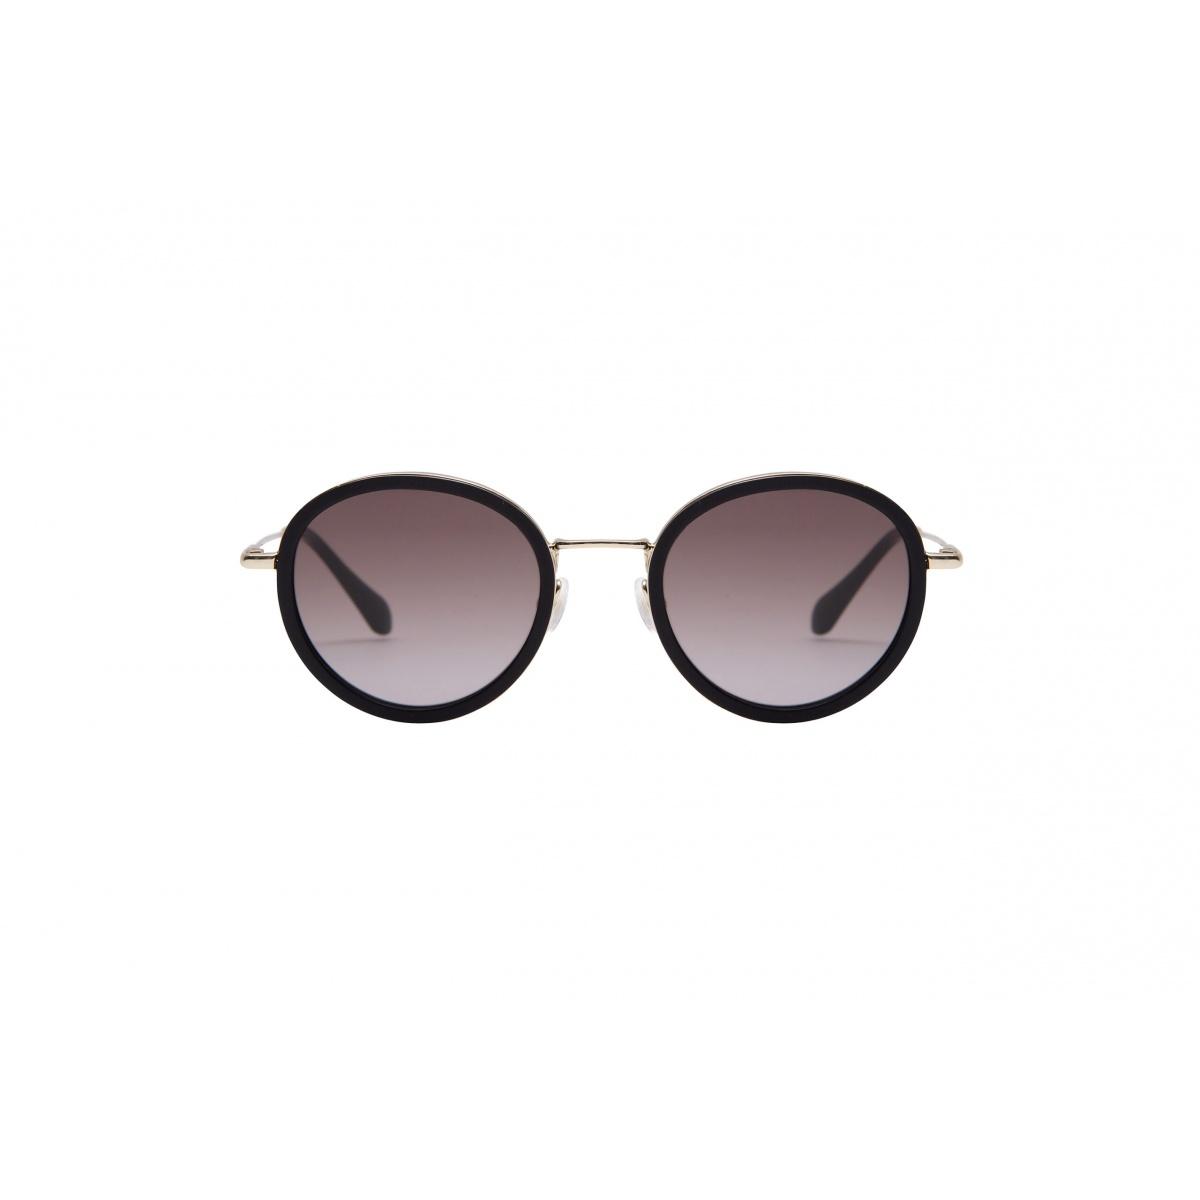 Γυαλιά ηλίου gigistudios_sun_Icons_woods_6587-1.